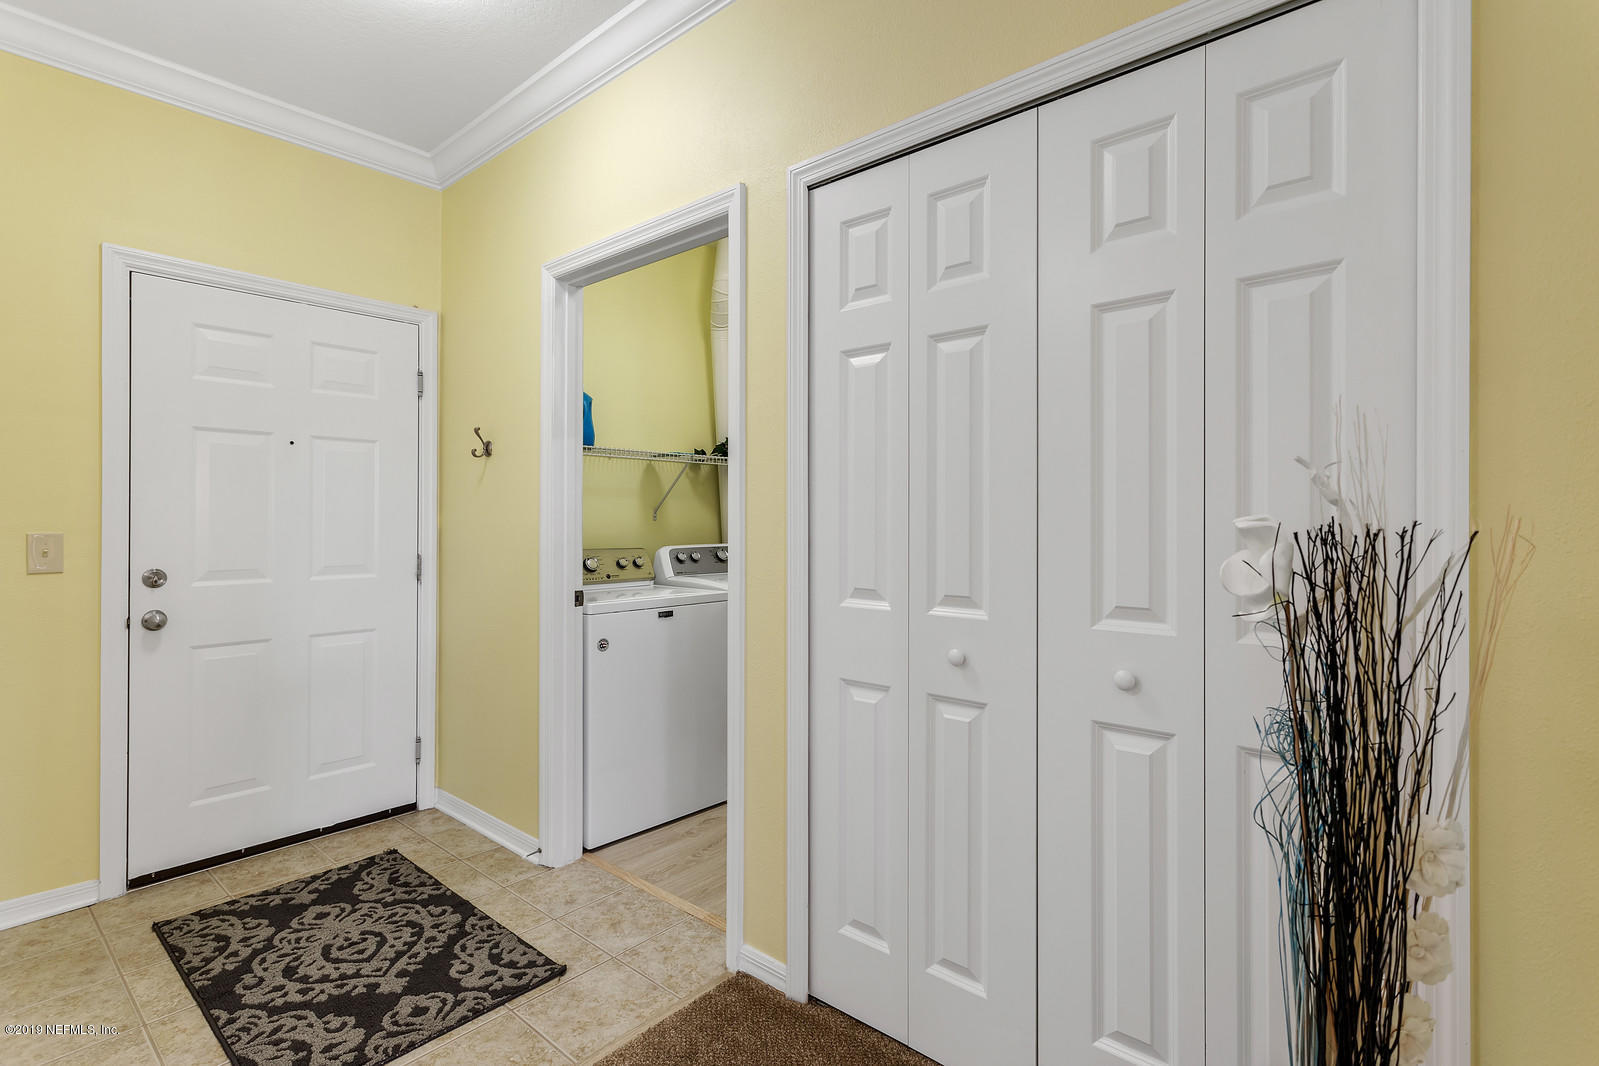 12700 BARTRAM PARK- JACKSONVILLE- FLORIDA 32258, 1 Bedroom Bedrooms, ,1 BathroomBathrooms,Condo,For sale,BARTRAM PARK,1009948